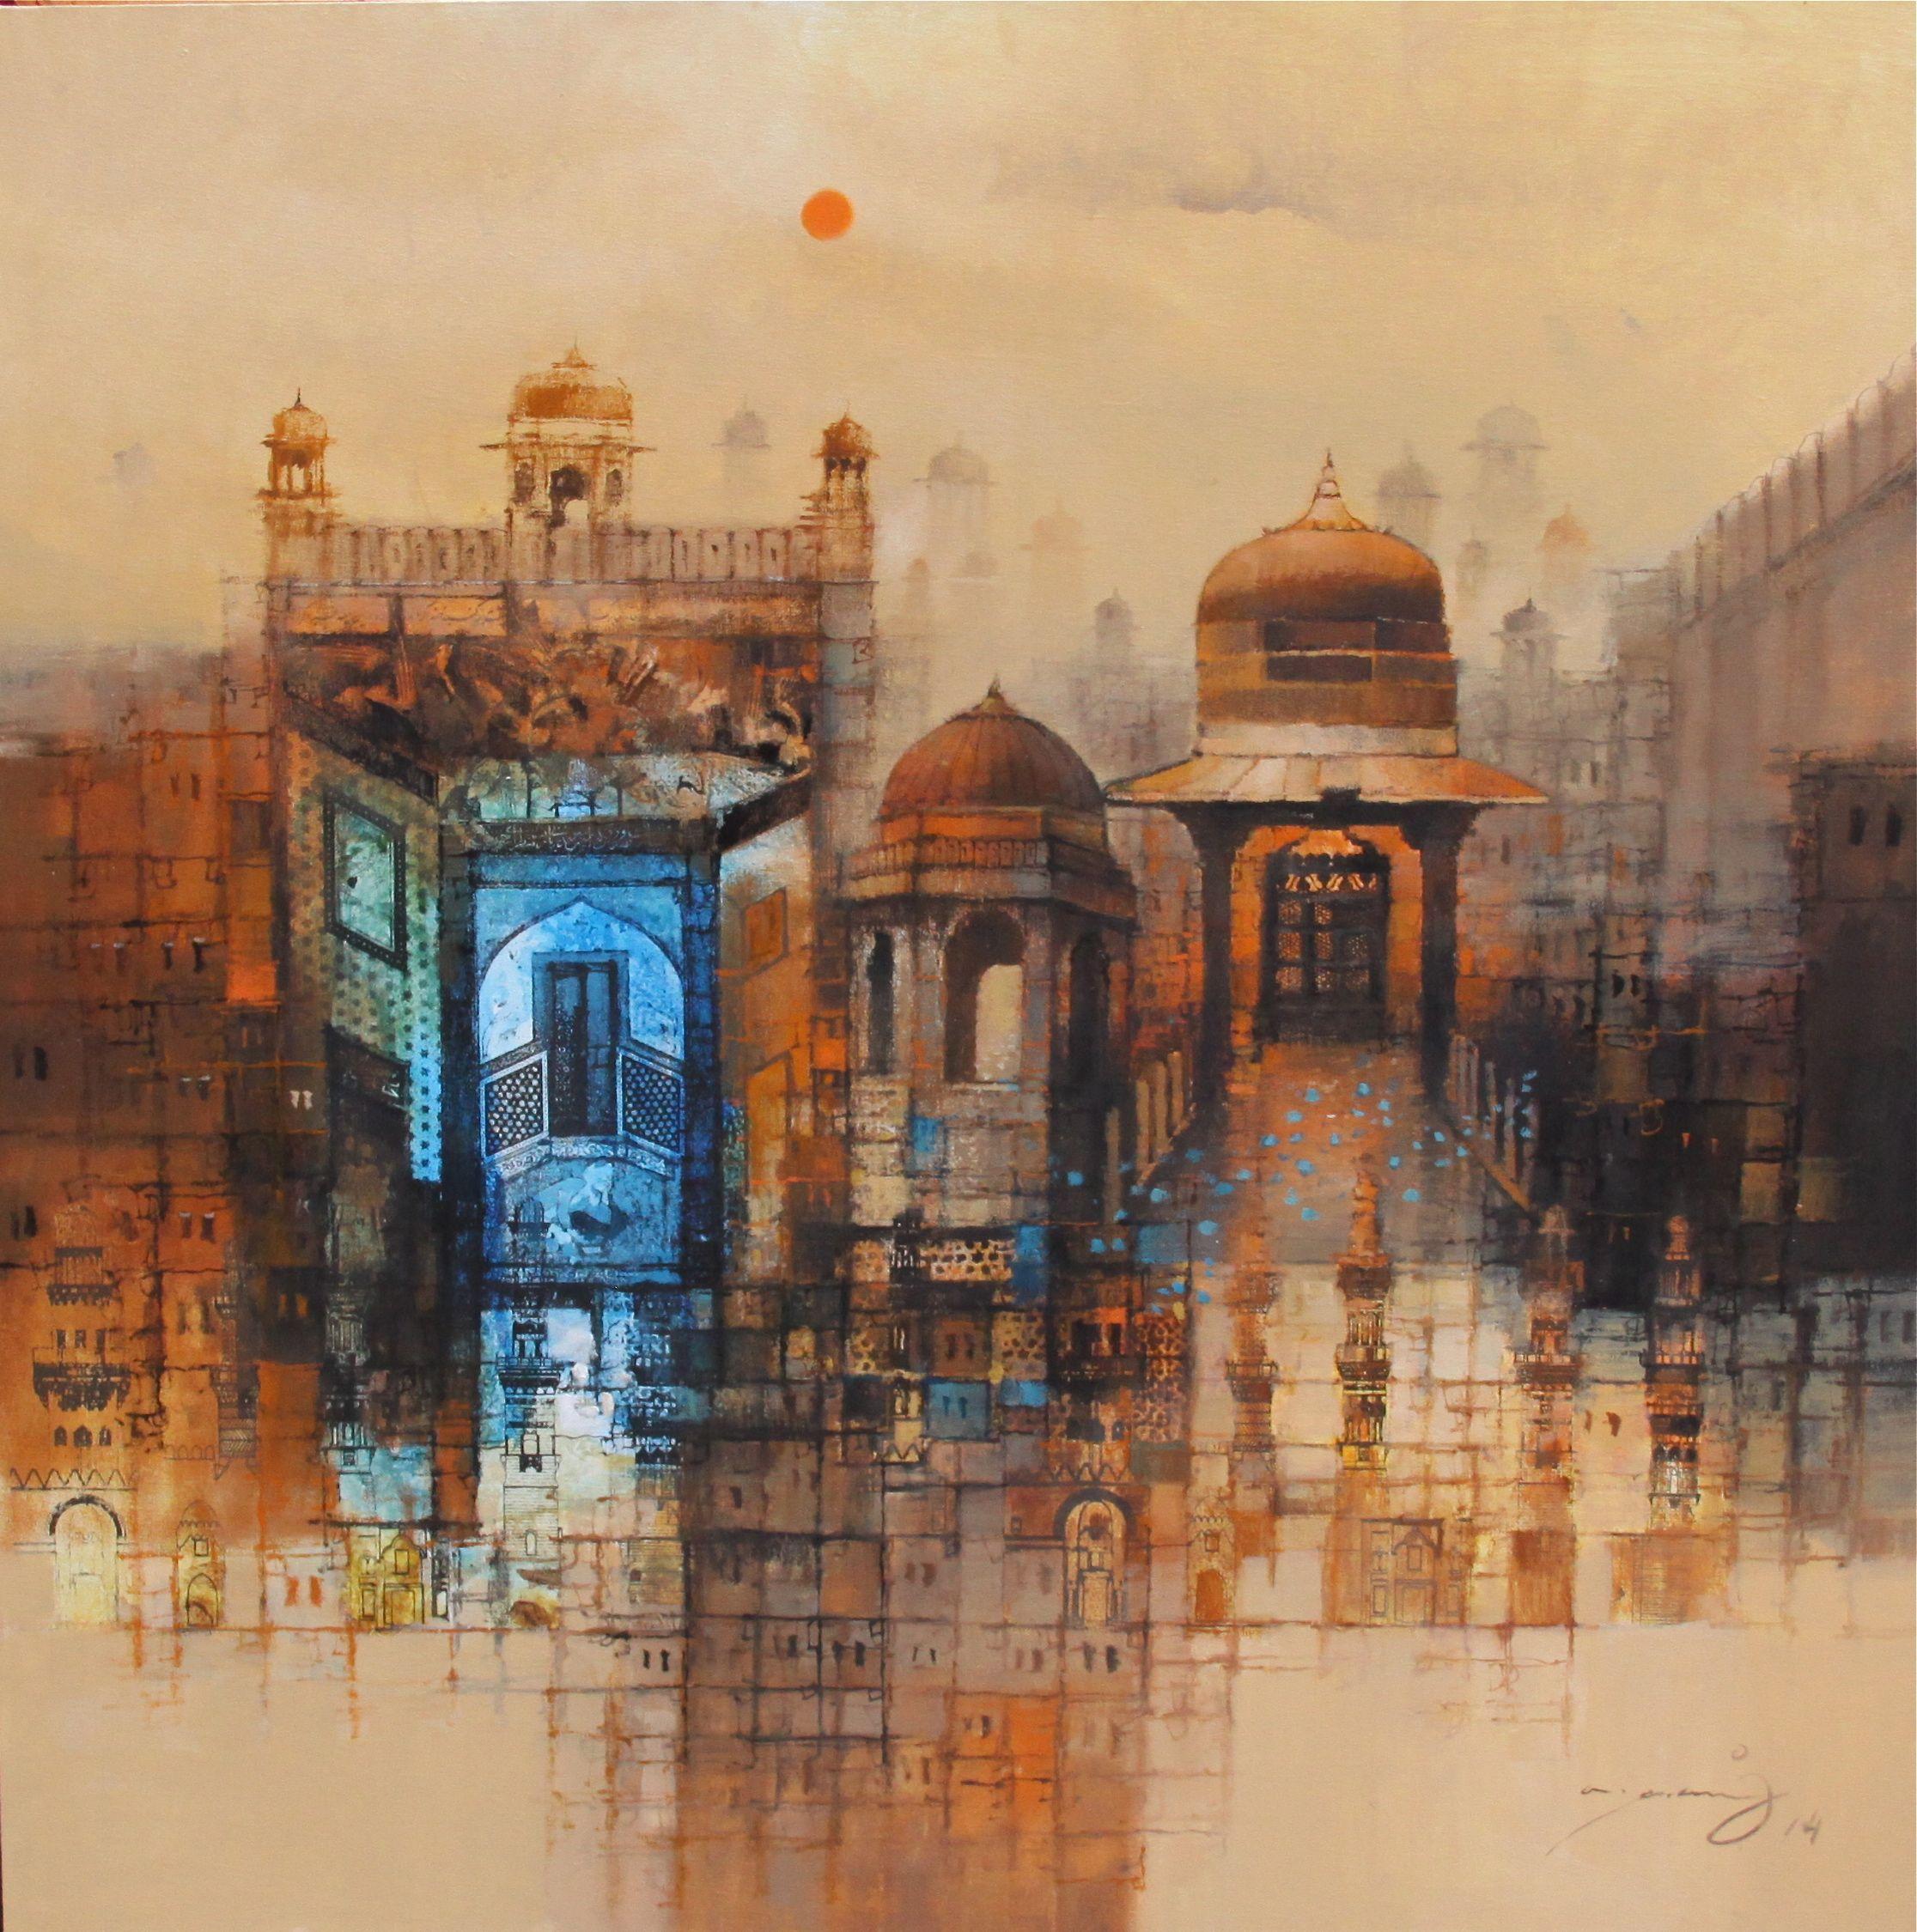 A.Q.Arif Pakistan Cool artwork, Art, Contemporary art